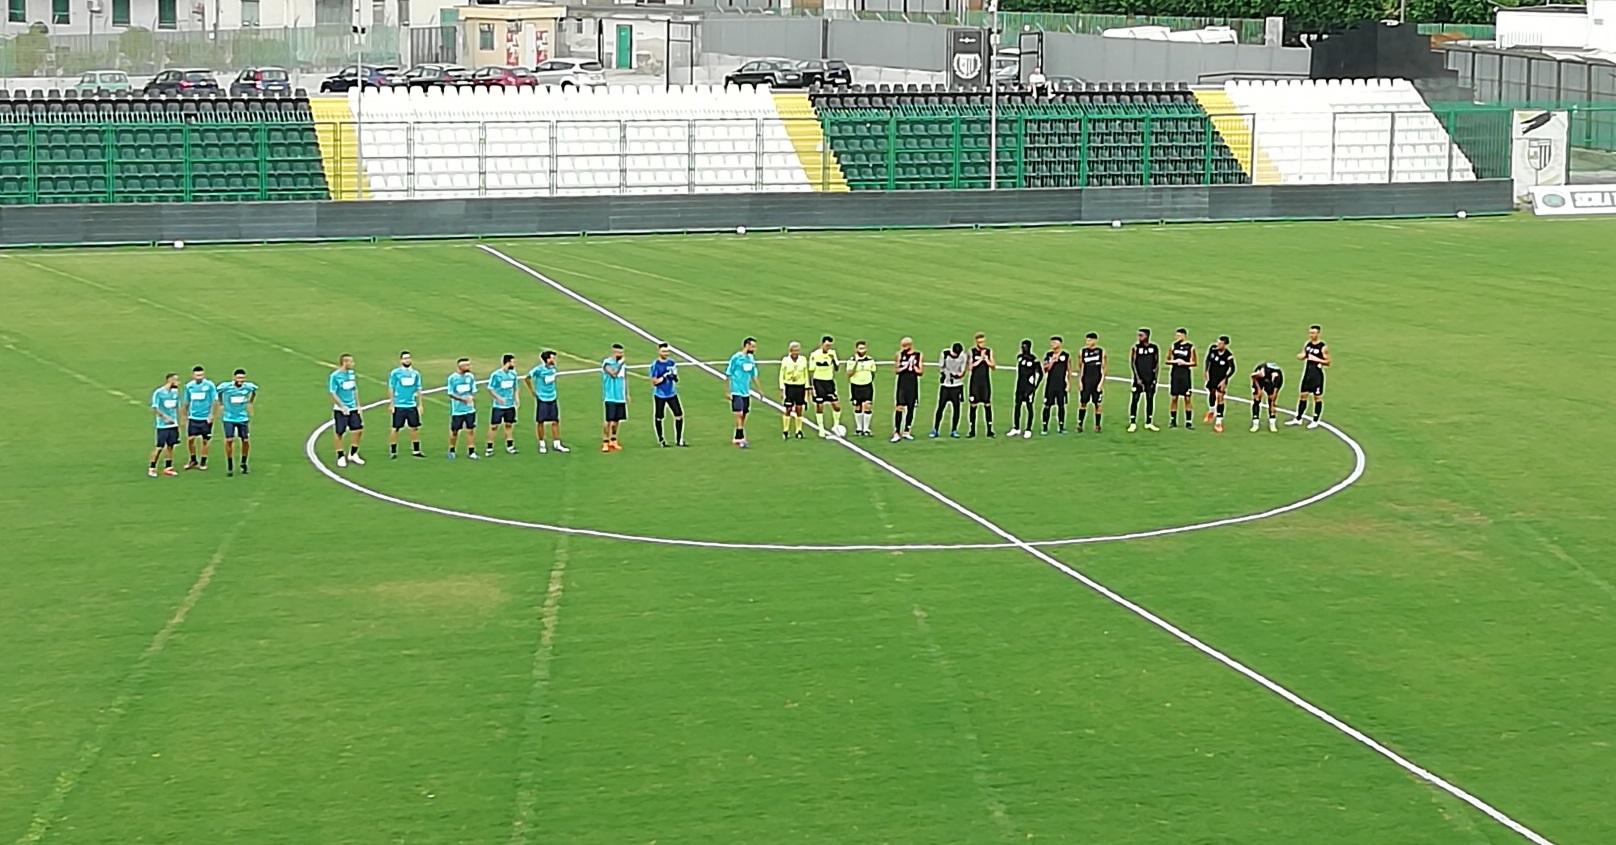 Lentini, allenamento congiunto tra la Sicula Leonzio e il Carlentini calcio a favore della squadra bianconera. Domani a Palazzo di città di Carlentini presentazione della squadra azzurra